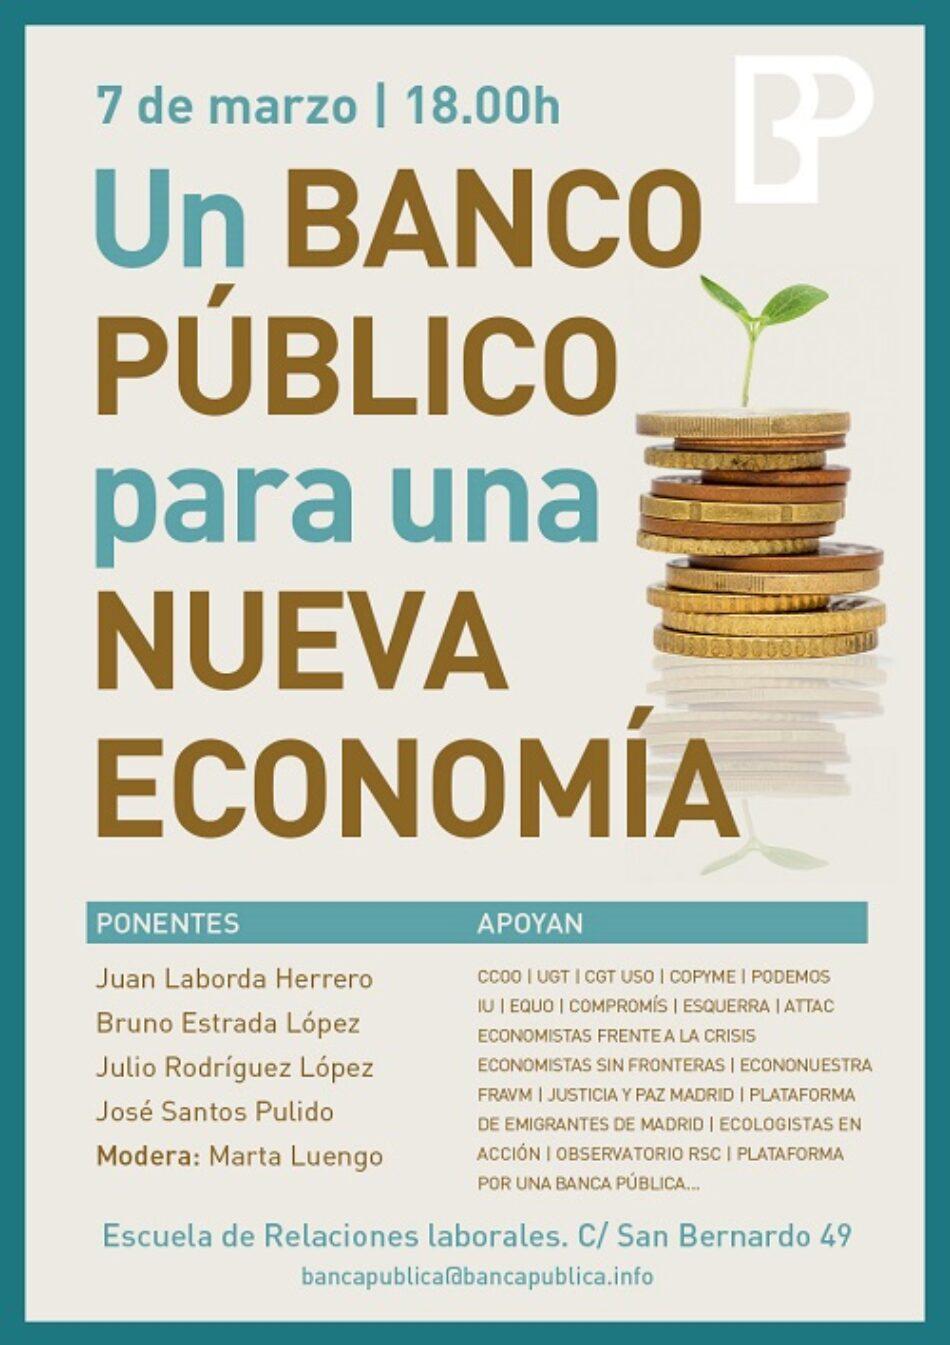 Sindicatos  y asociaciones de economistas debatirán sobre la Nueva Banca Pública